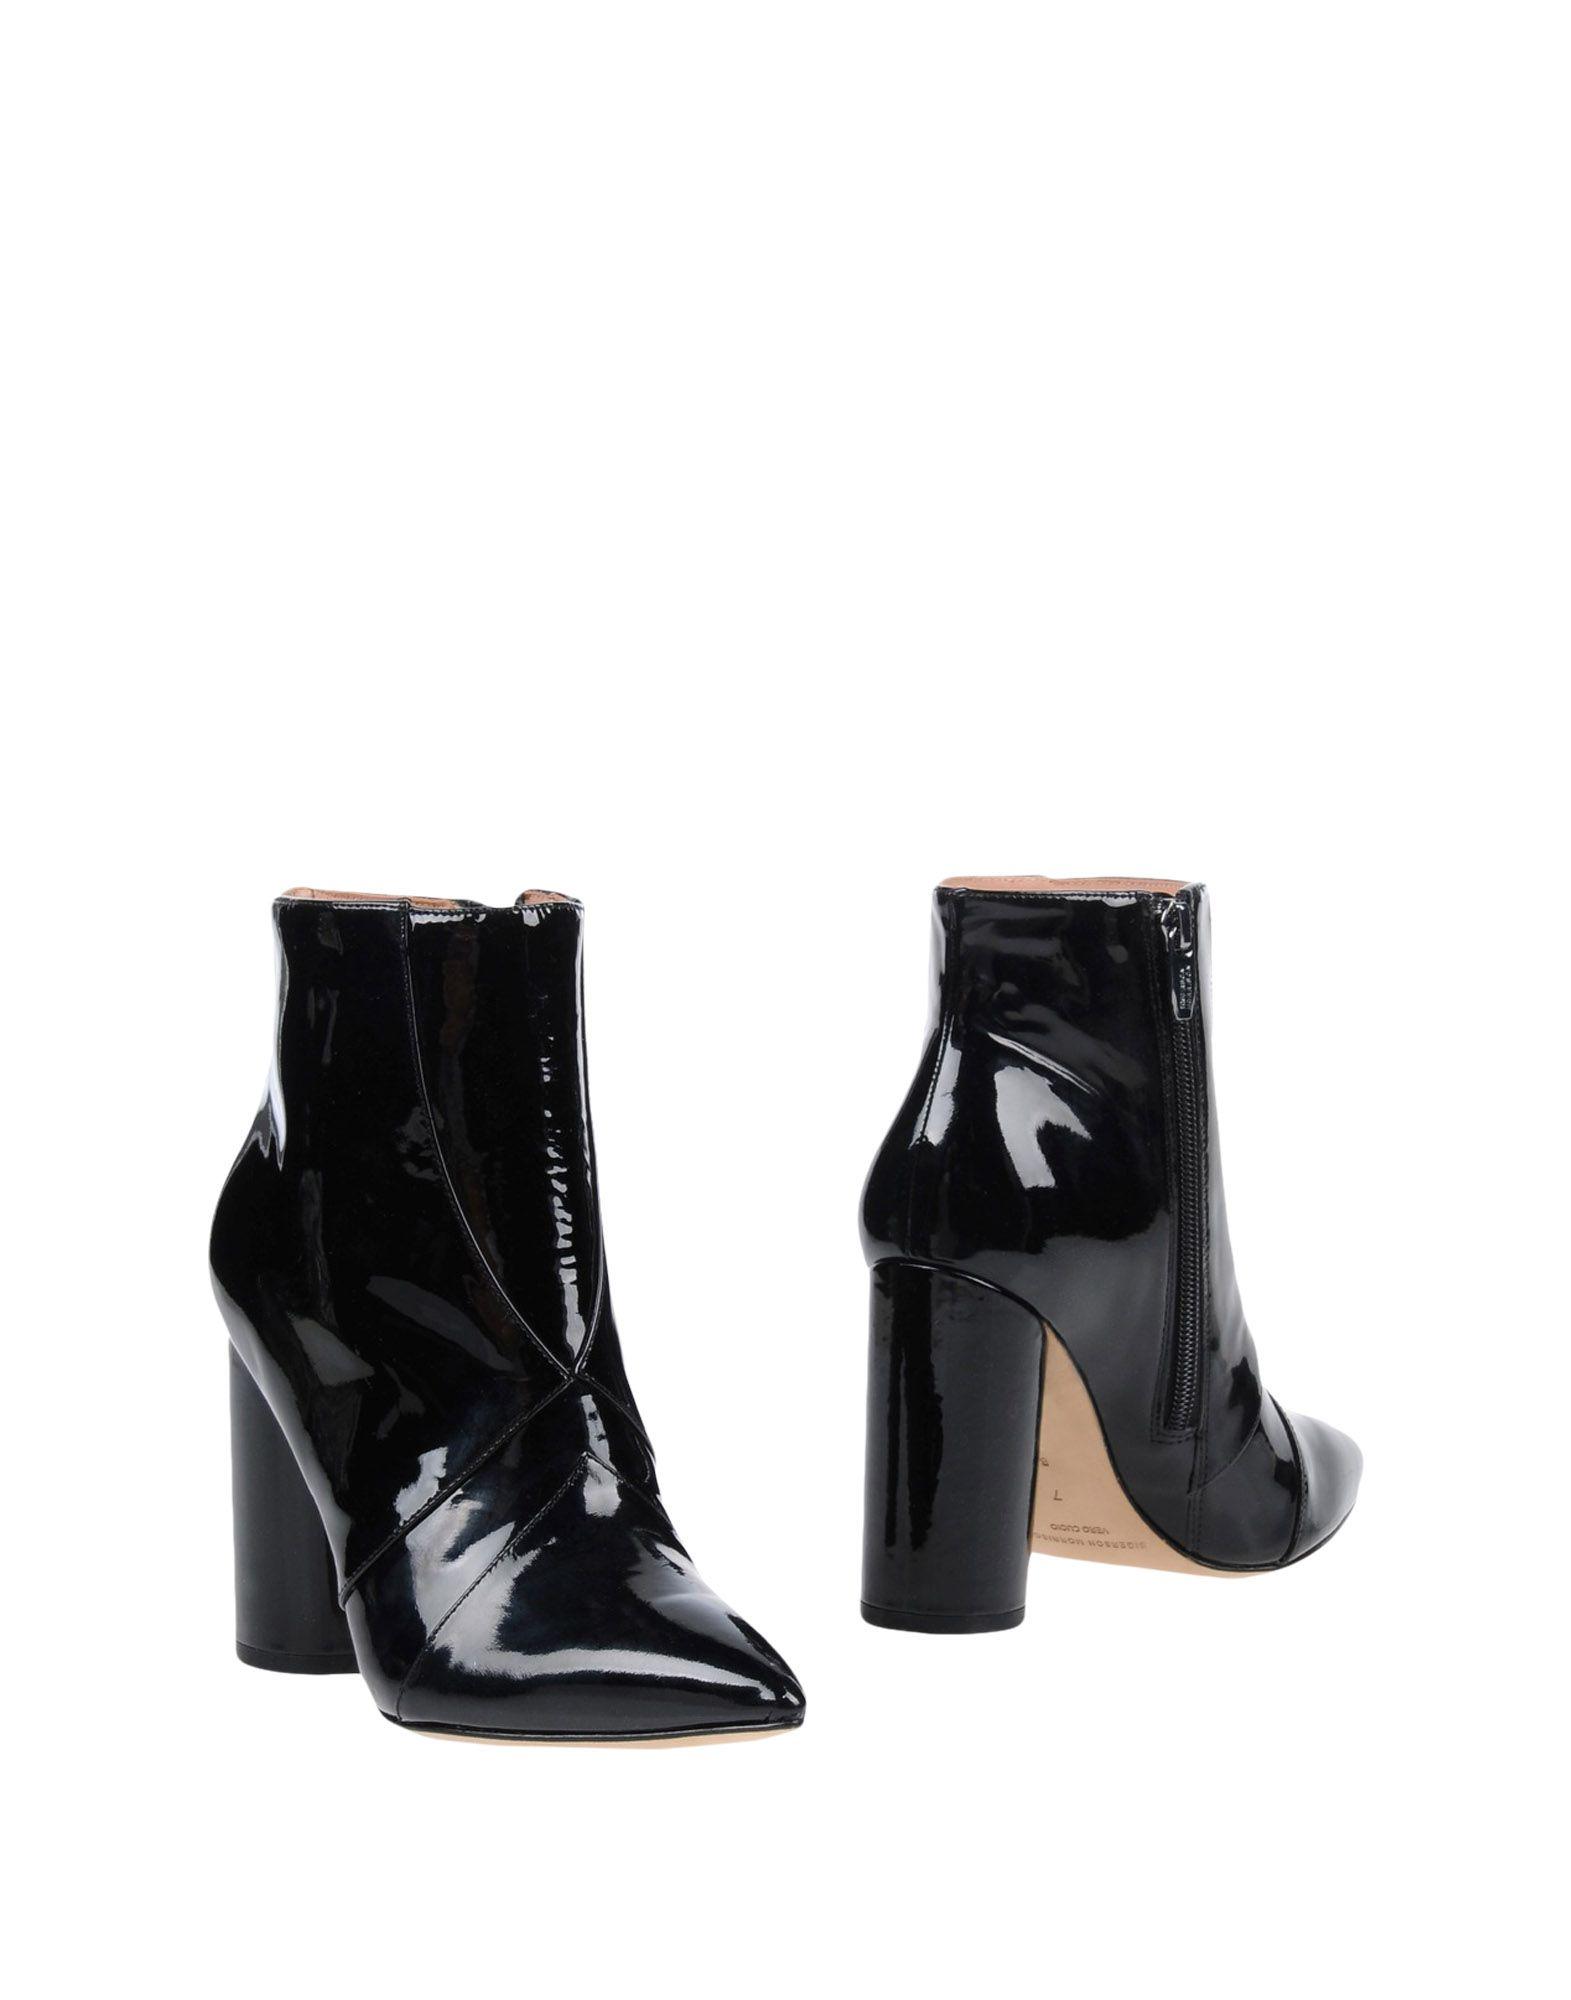 Sigerson Morrison Stiefelette Damen  11447847RTGut aussehende strapazierfähige Schuhe